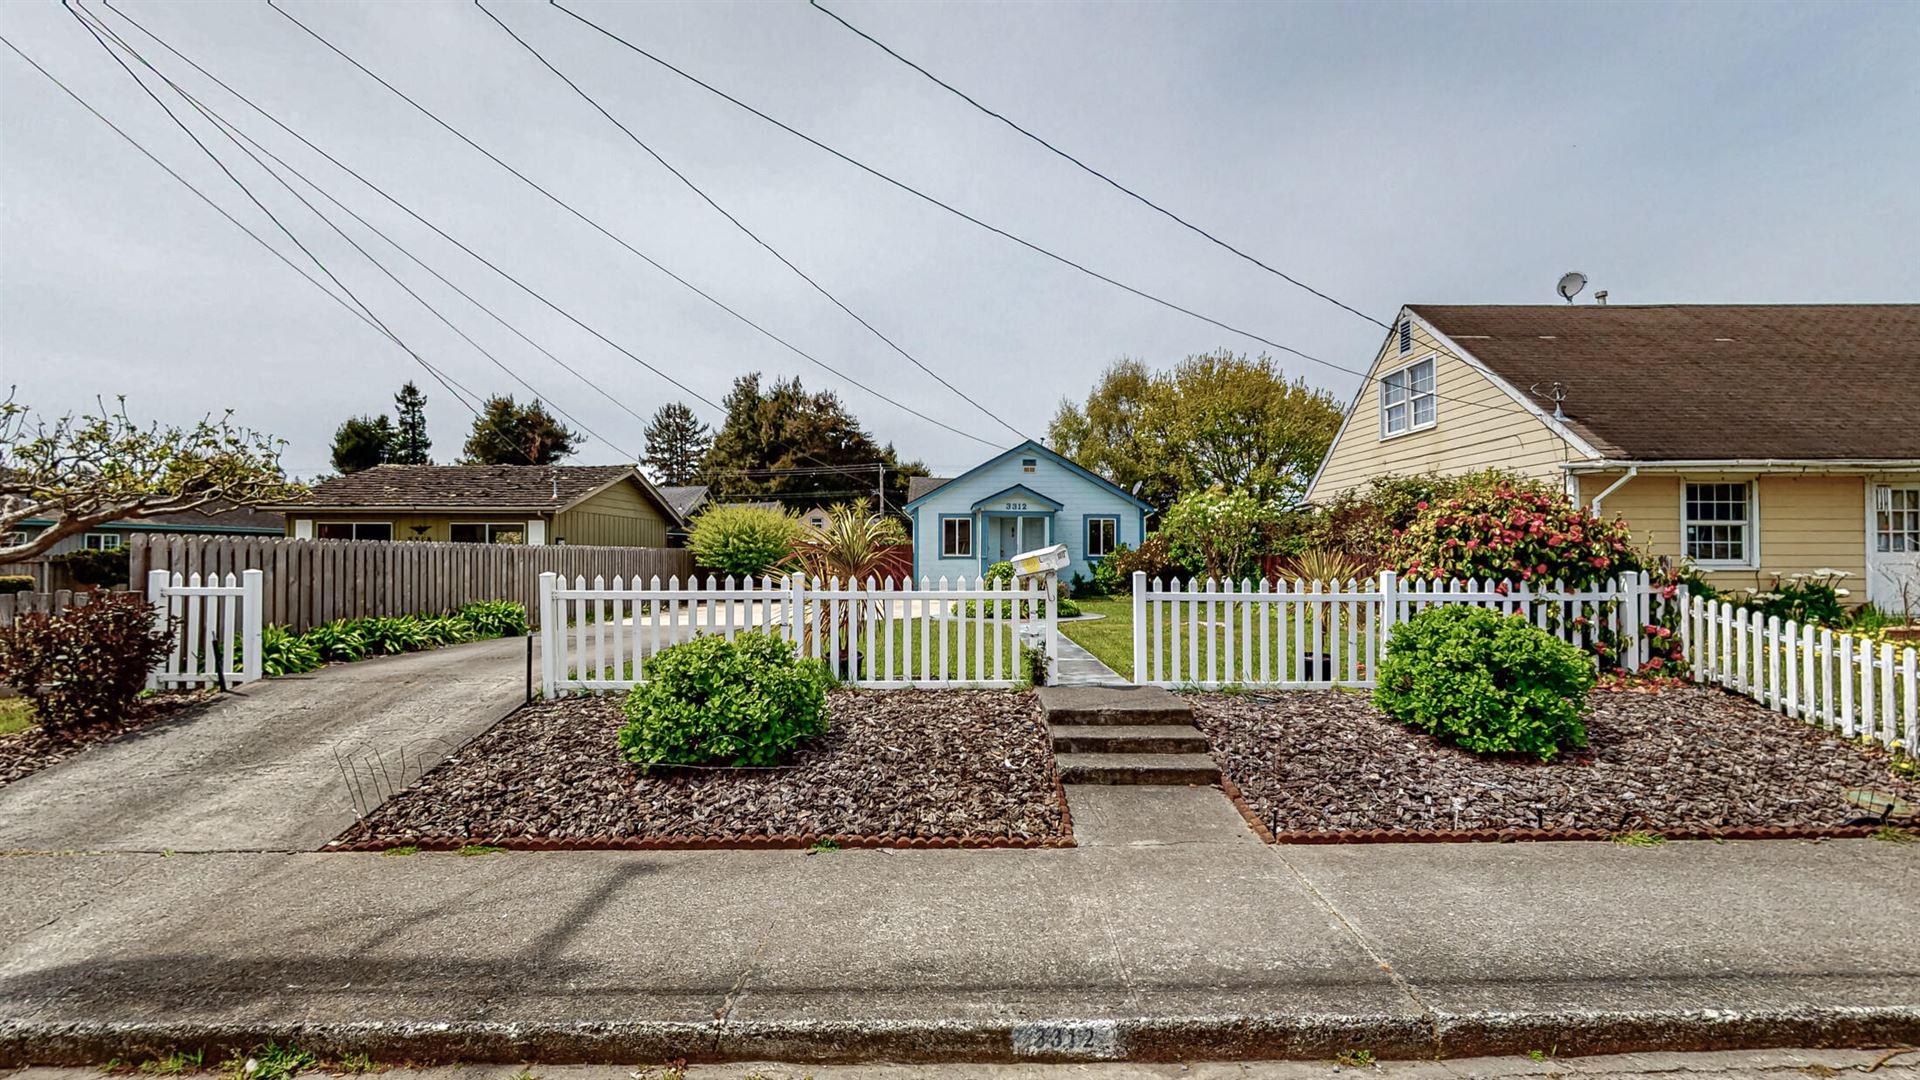 3312 G Street, Eureka, CA 95501 - MLS#: 258886